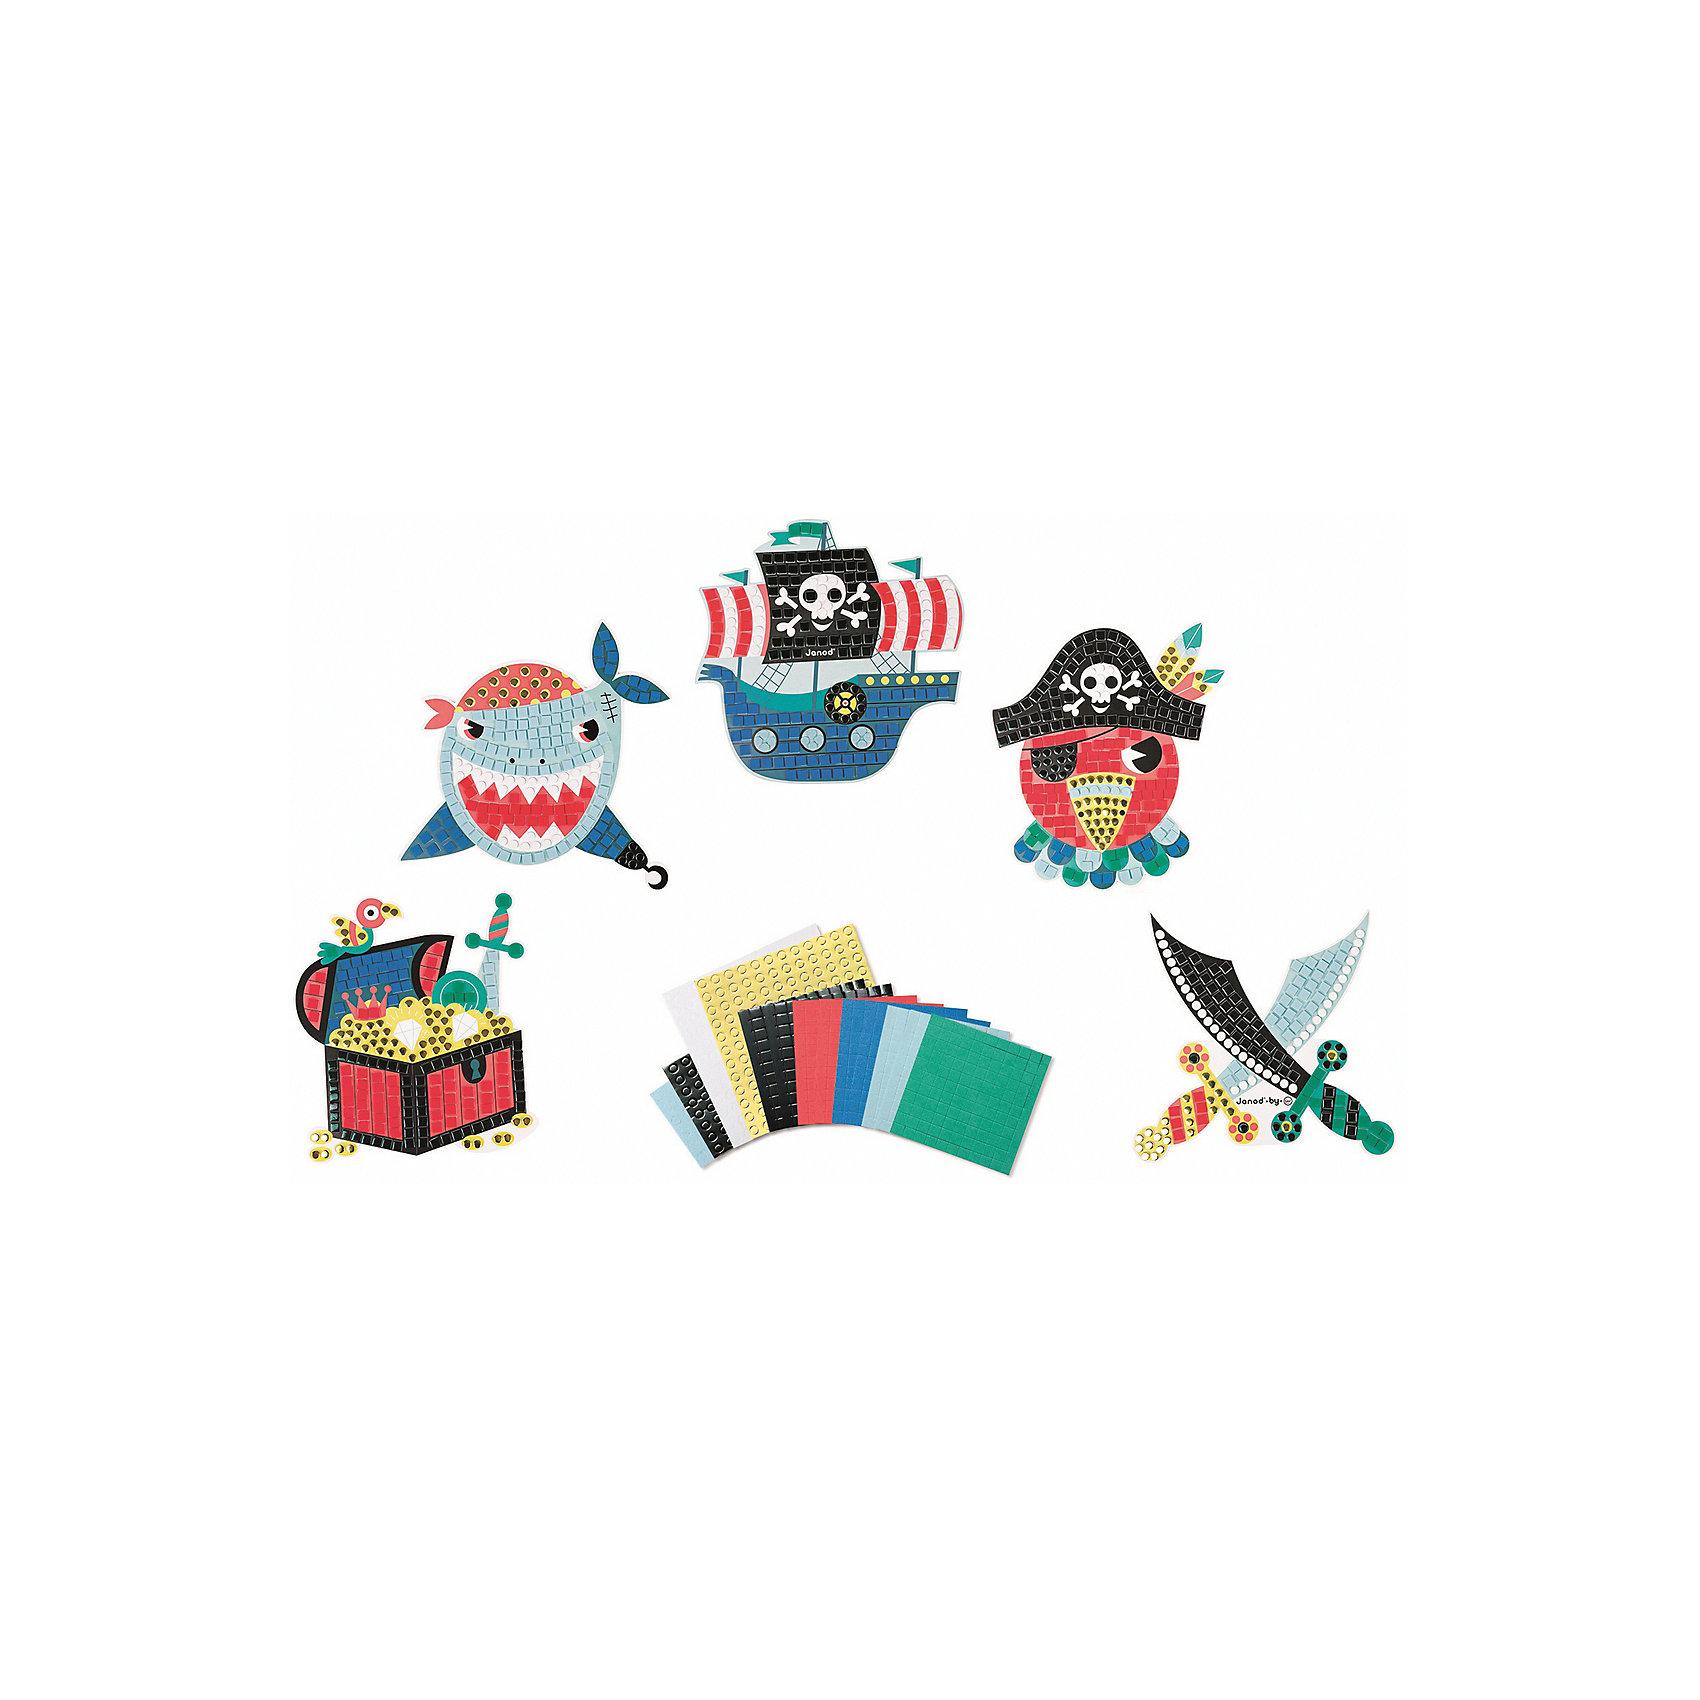 Набор для творчества: мозайка Пираты, 5 карточекКартины из песка<br>Набор для творчества: мозаика Пираты, 5 карточек<br>5 пронумерованных цветных заготовок - картинок, 4 листа цветных квадратных наклеек «мозаика» (7x7 мм.), 2 листа цветных круглых наклеек «мозайка» (? 5 мм.), 1 лист цветных, блестящих, квадратных наклеек «мозаика» (7x7 мм.), 2 листа цветных, блестящих круглых наклеек «мозайка» (? 5 мм.), 1 удобный чемоданчик для хранения.<br>Цветной буклет - инструкция на русском языке входит в состав всех наборов для творчества<br><br>Ширина мм: 26<br>Глубина мм: 21<br>Высота мм: 4<br>Вес г: 600<br>Возраст от месяцев: 48<br>Возраст до месяцев: 2147483647<br>Пол: Унисекс<br>Возраст: Детский<br>SKU: 4871831